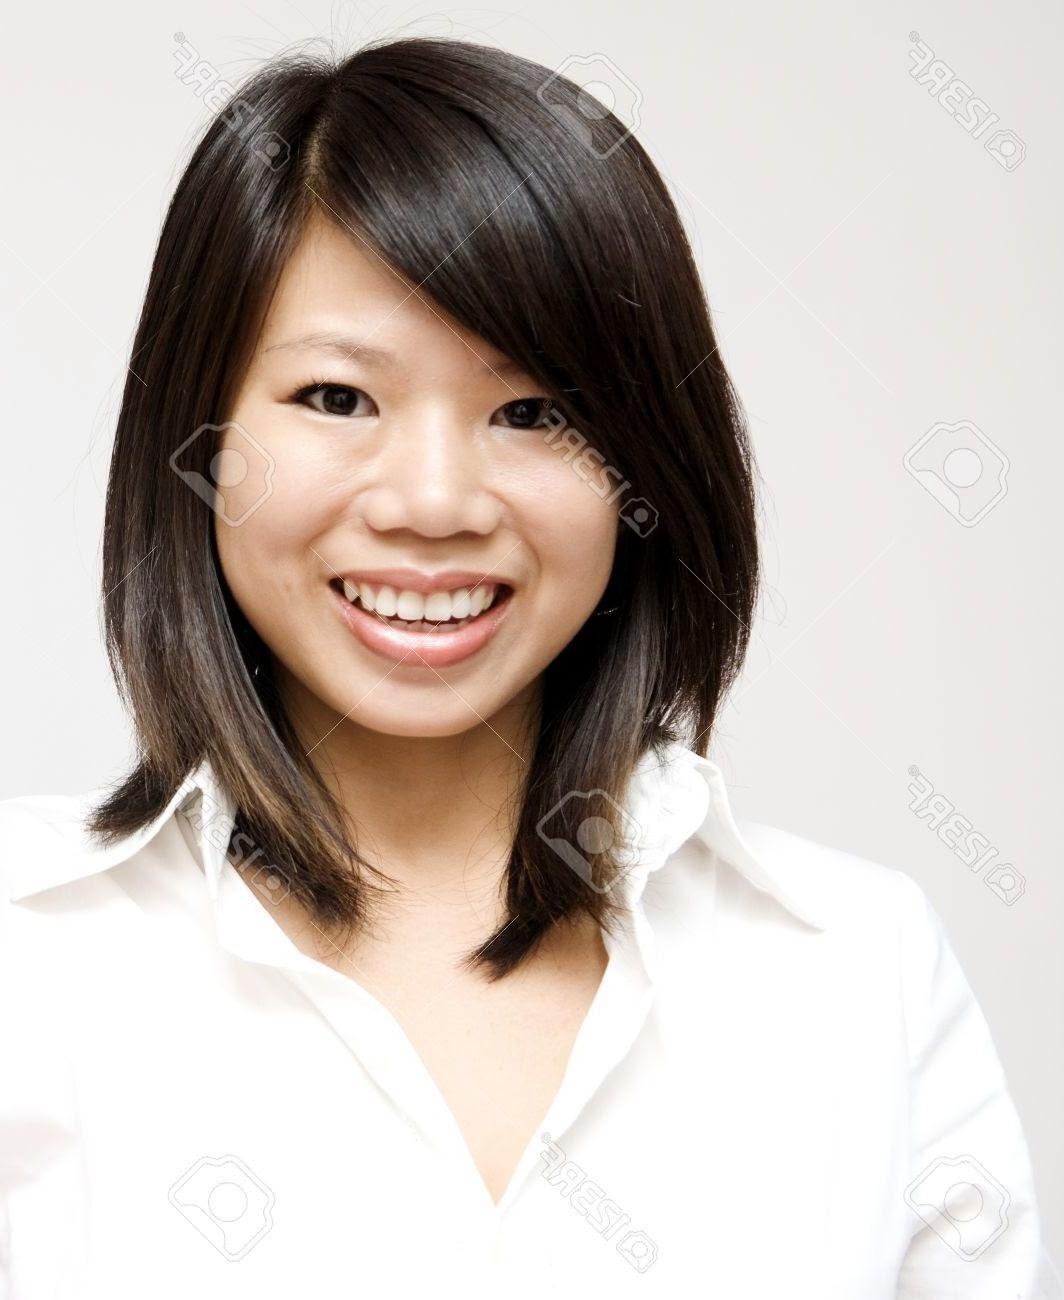 Wat is de beste manier om je haar op te steken? - kapsels opsteken stap voor stap